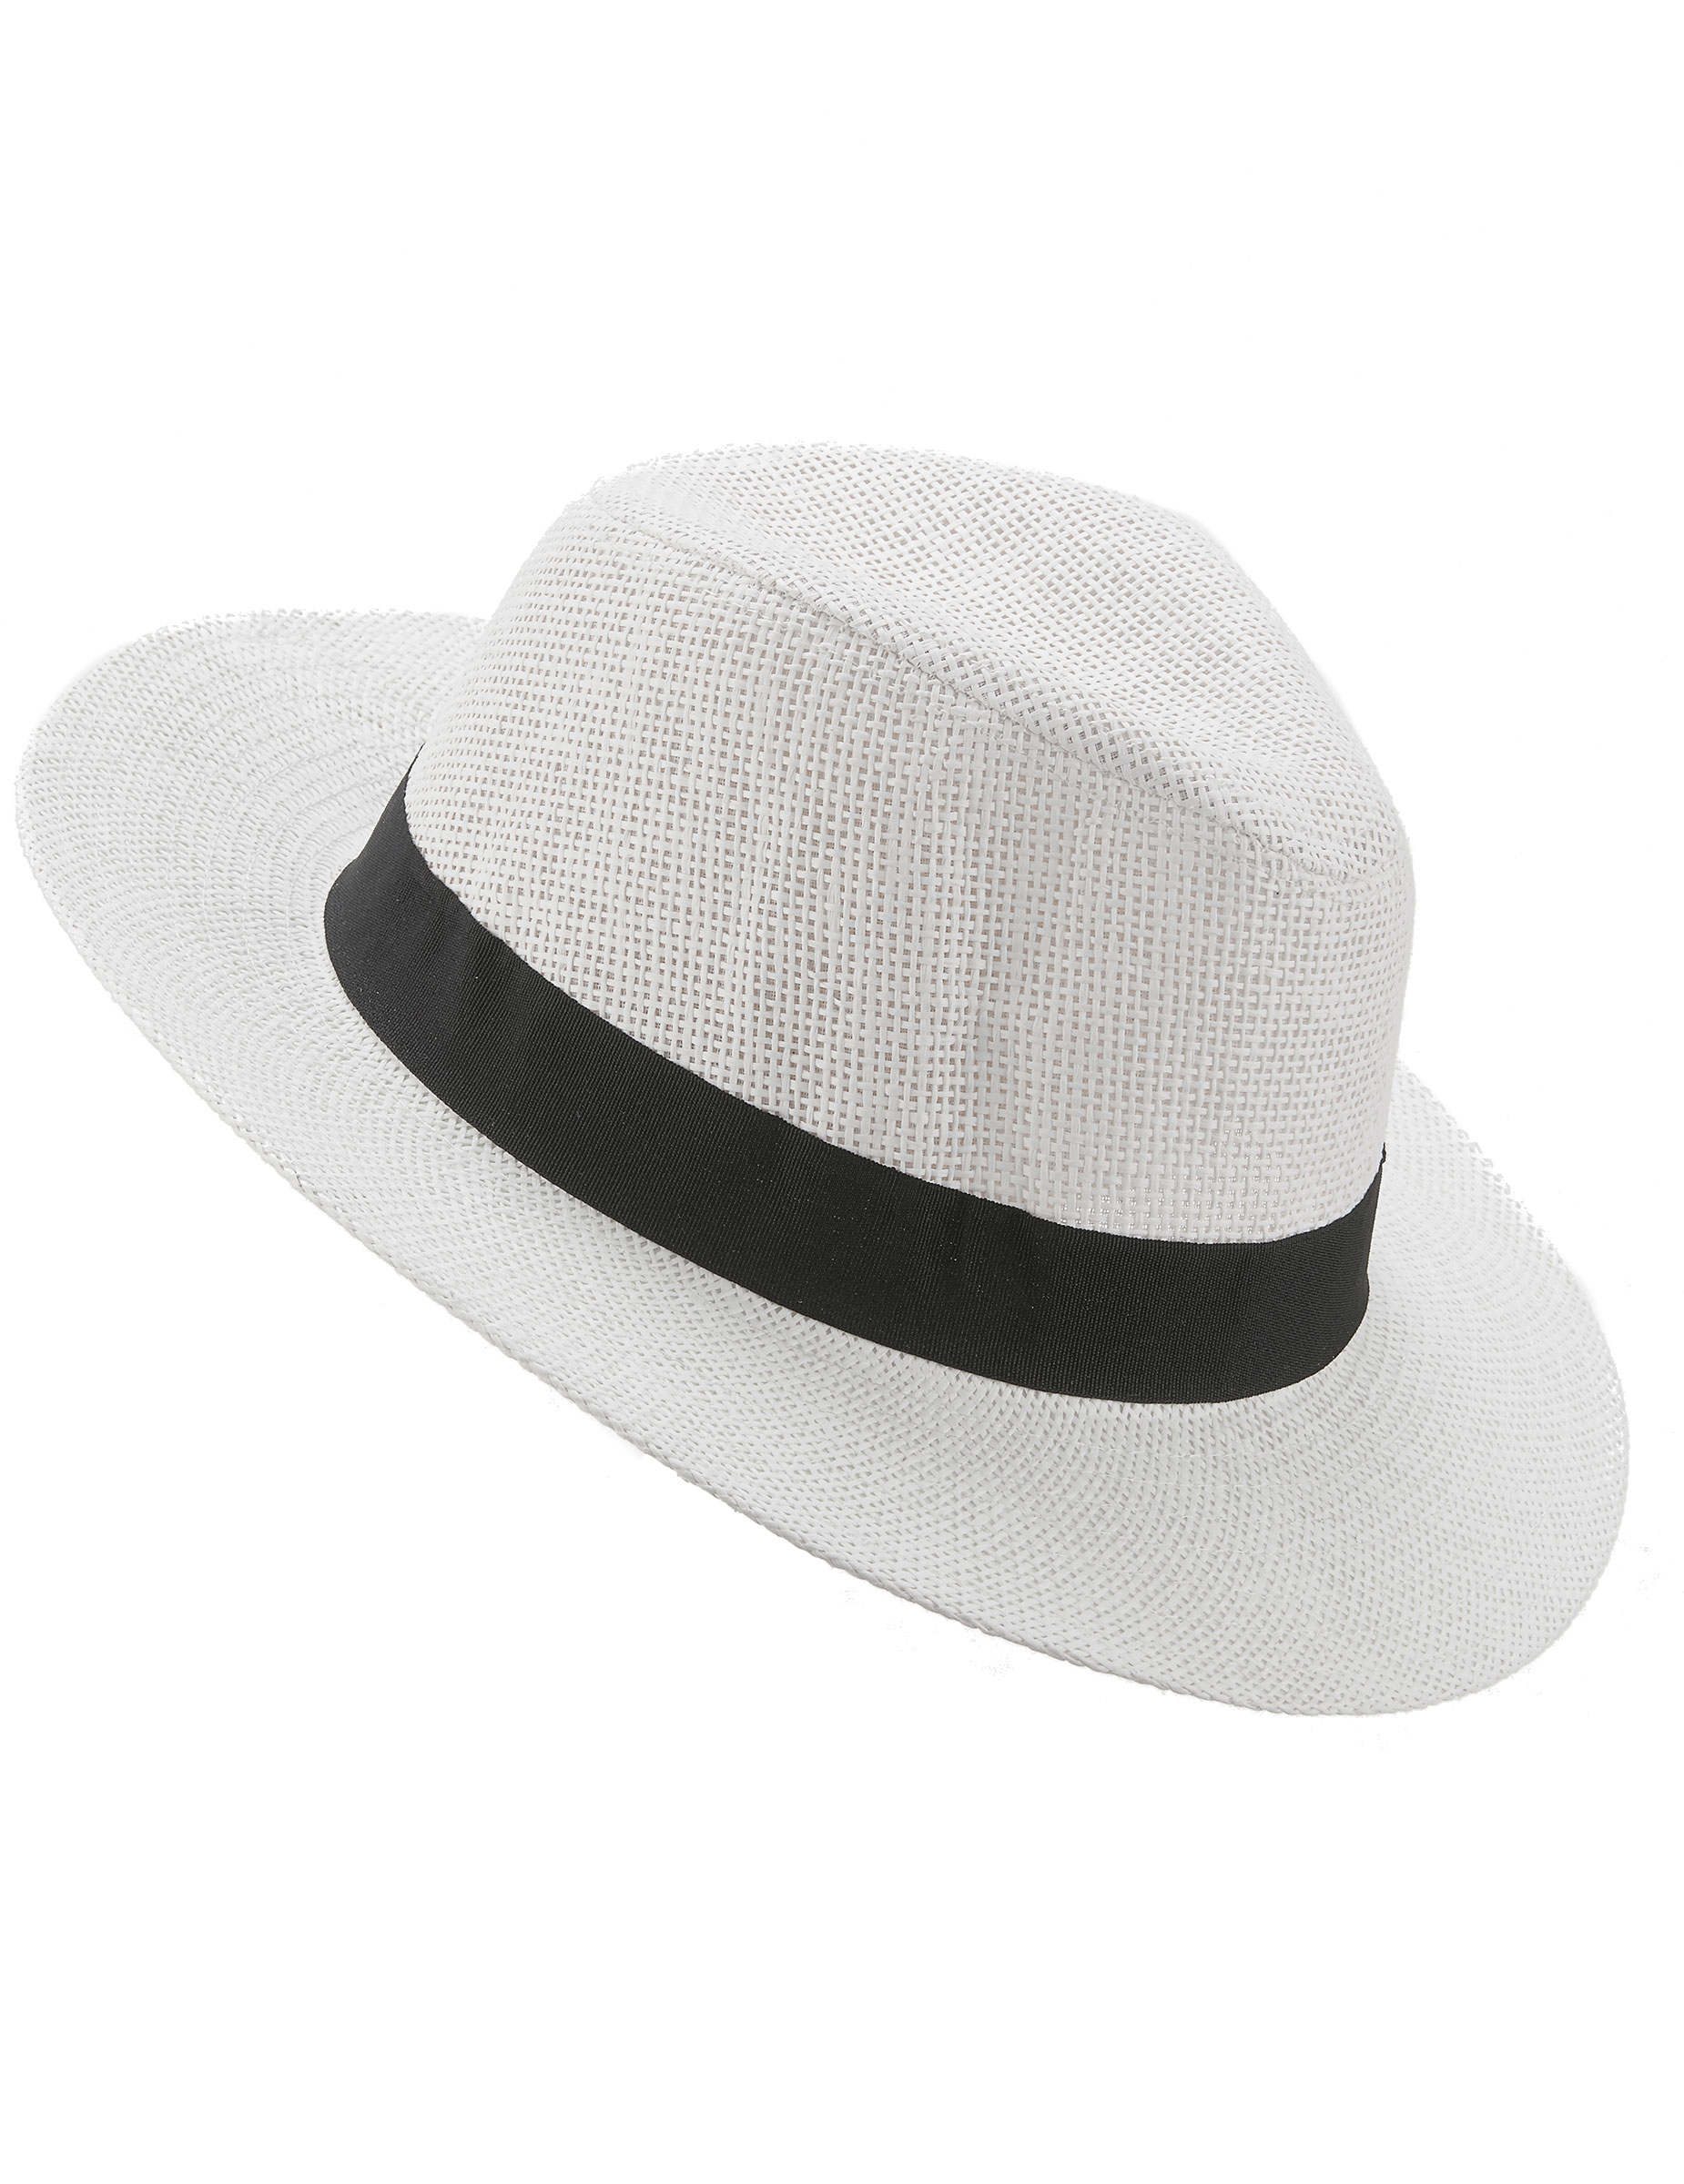 Cappello Panama bianco adulto  Cappelli 79a79cad7484